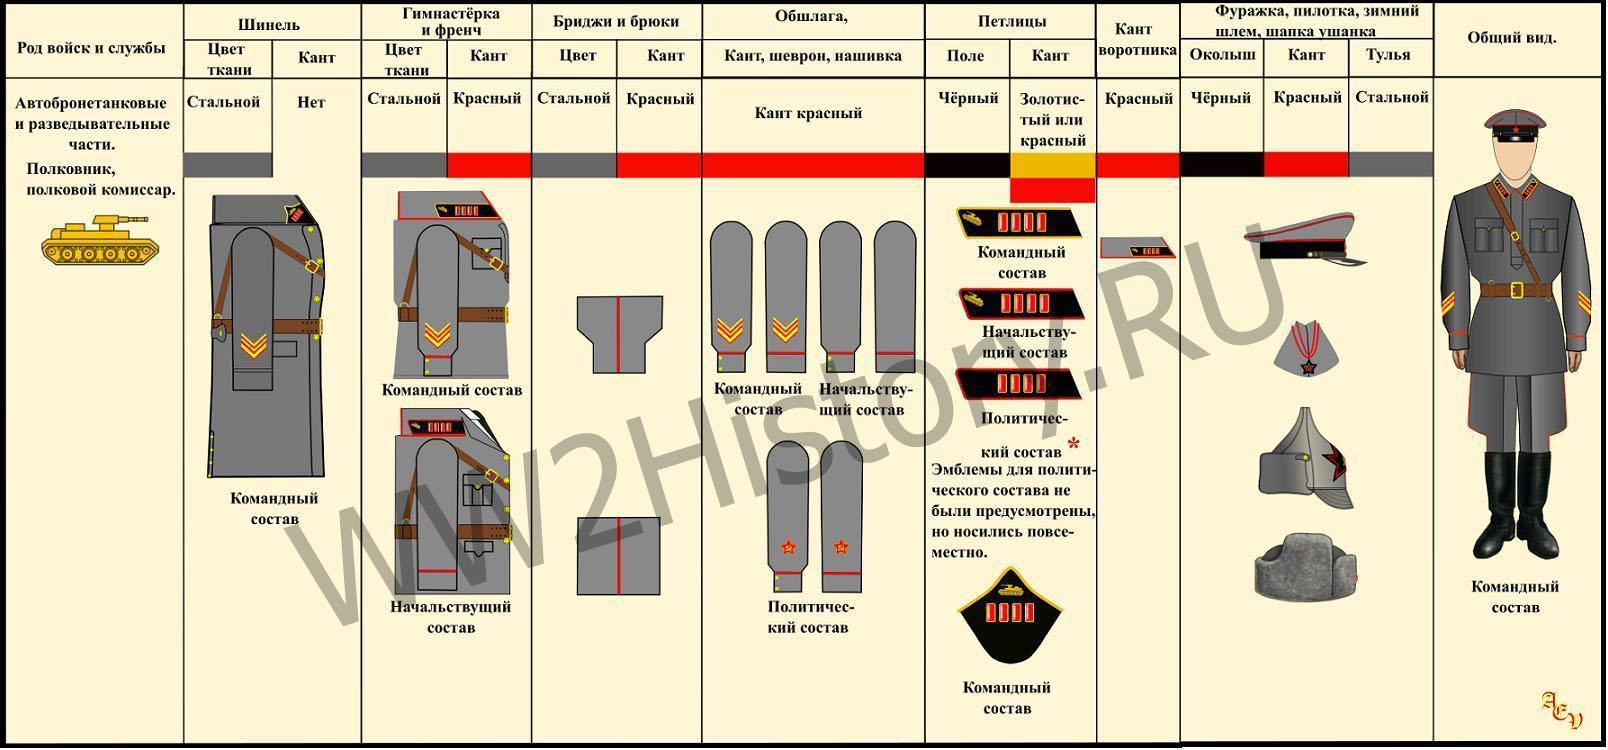 Таблица формы одежды командного, начальствующего и политического состава РККА на 22.6.1941 года 3fed2395